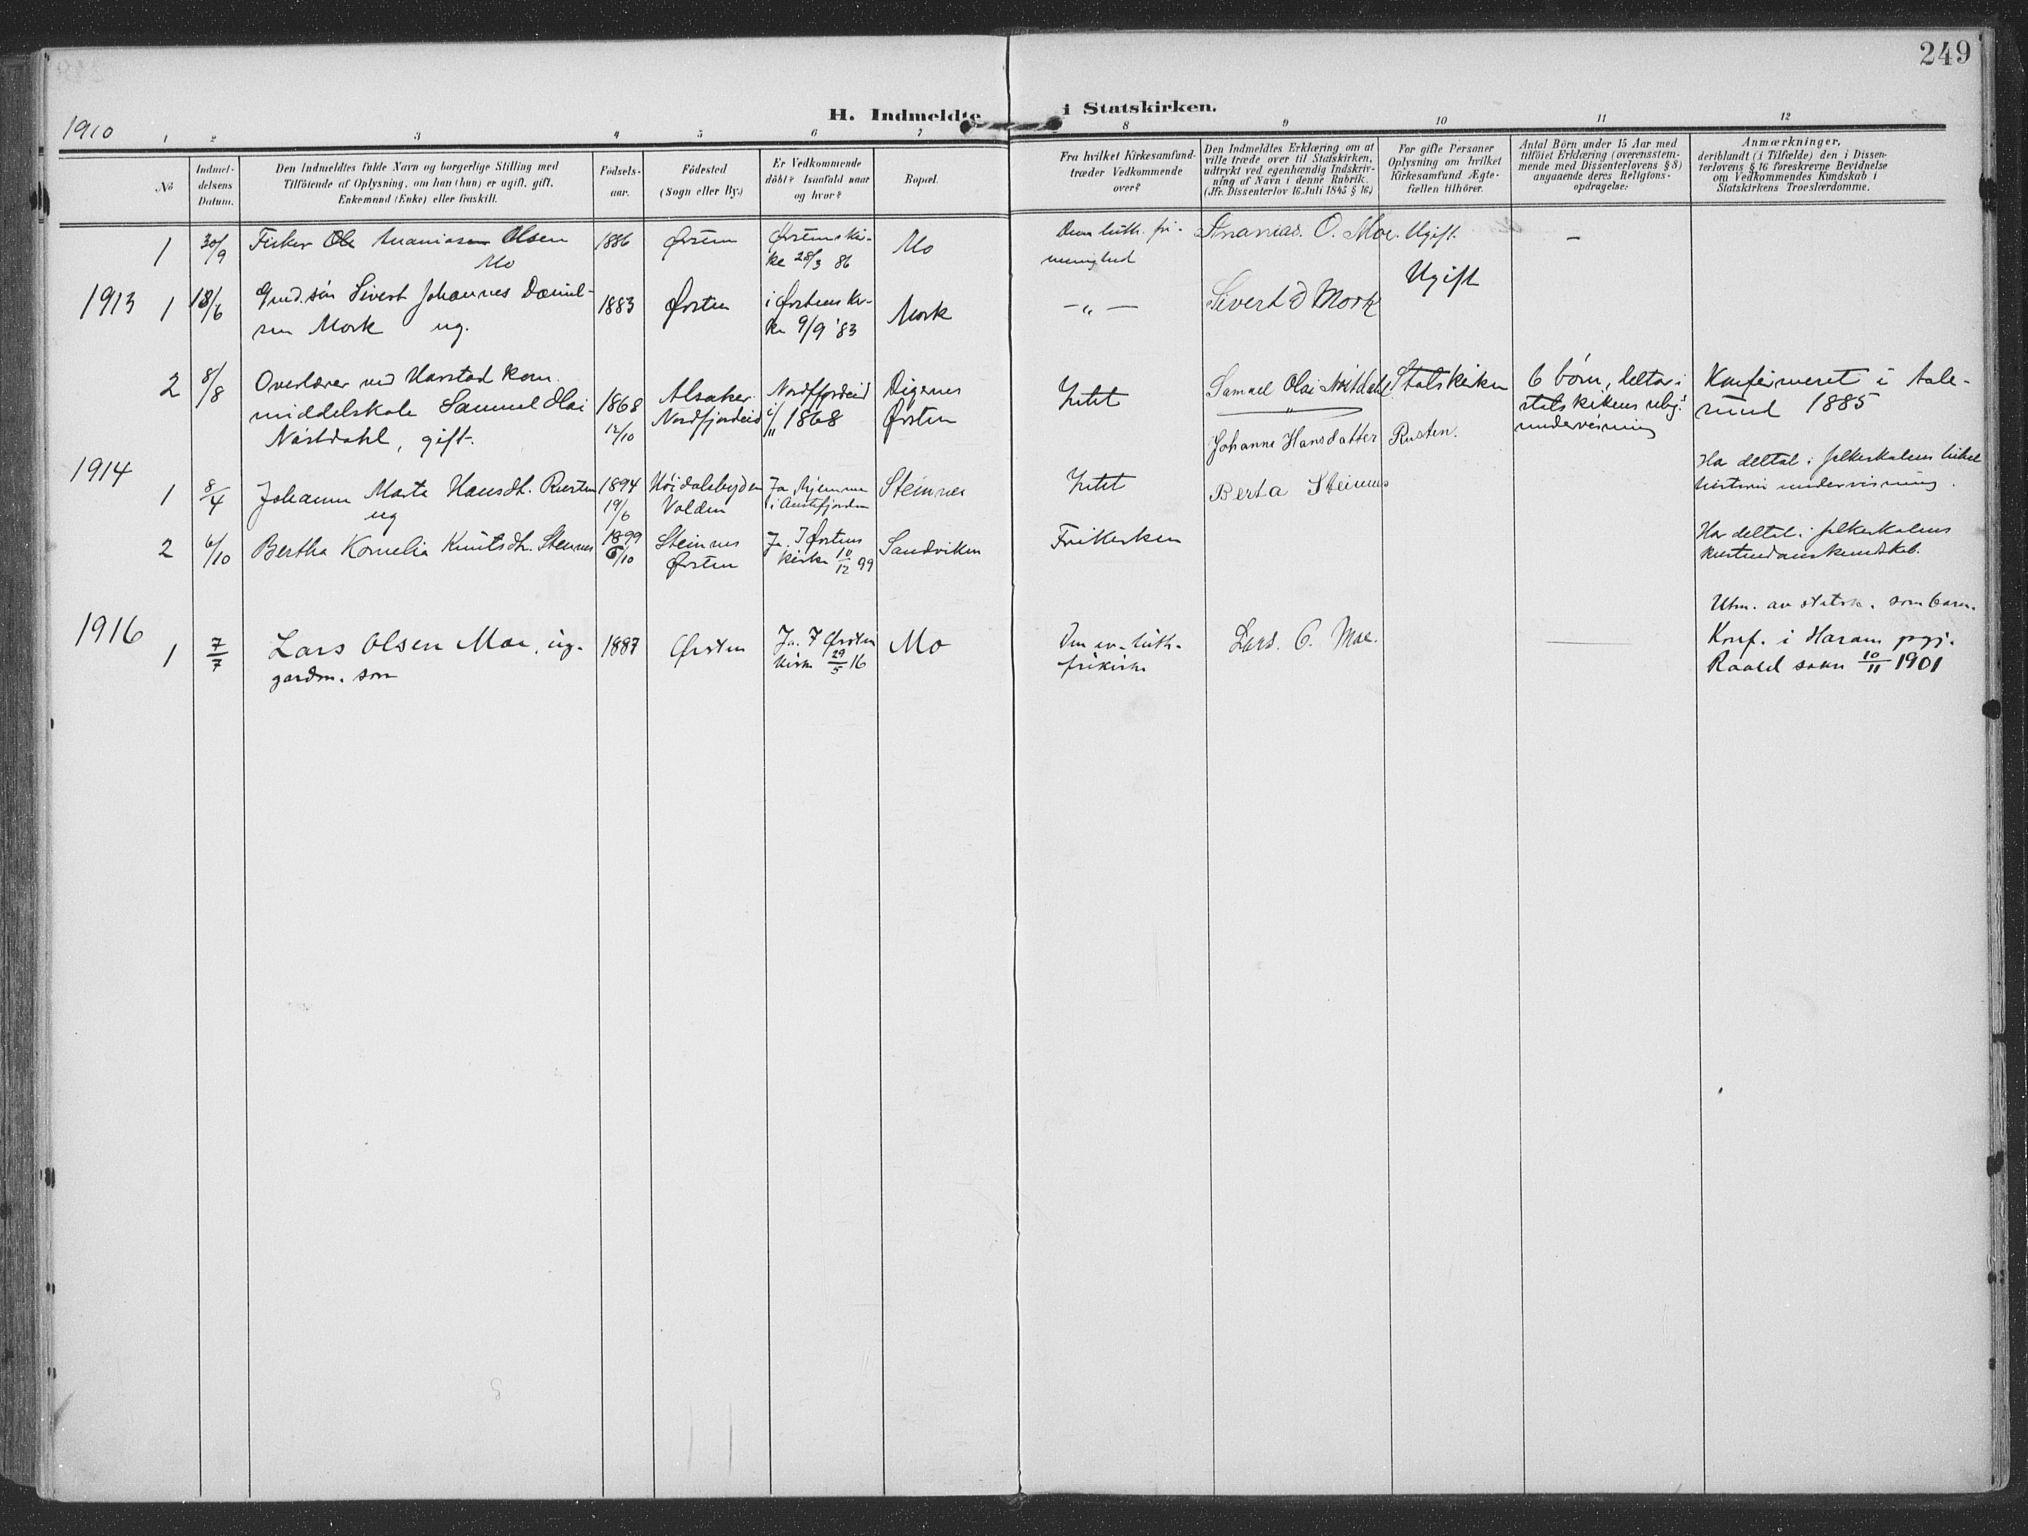 SAT, Ministerialprotokoller, klokkerbøker og fødselsregistre - Møre og Romsdal, 513/L0178: Ministerialbok nr. 513A05, 1906-1919, s. 249